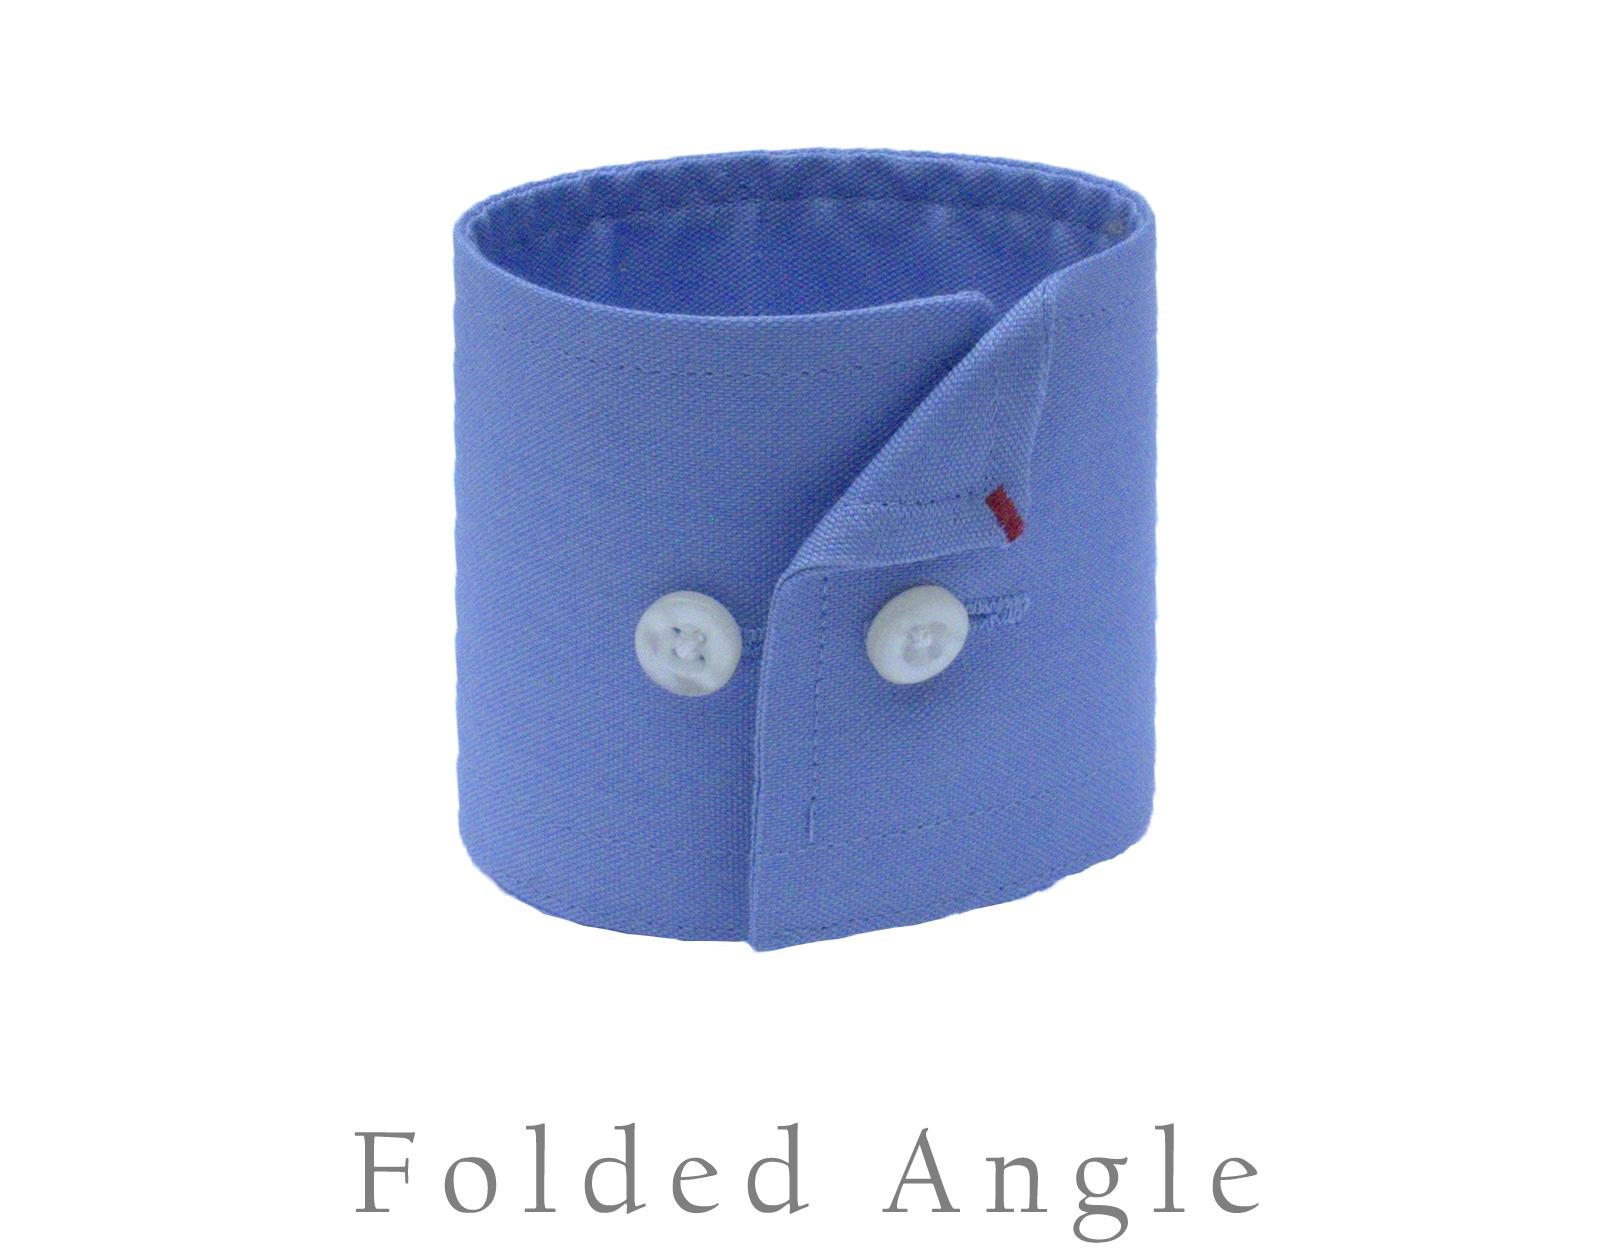 Folded Angle.jpg